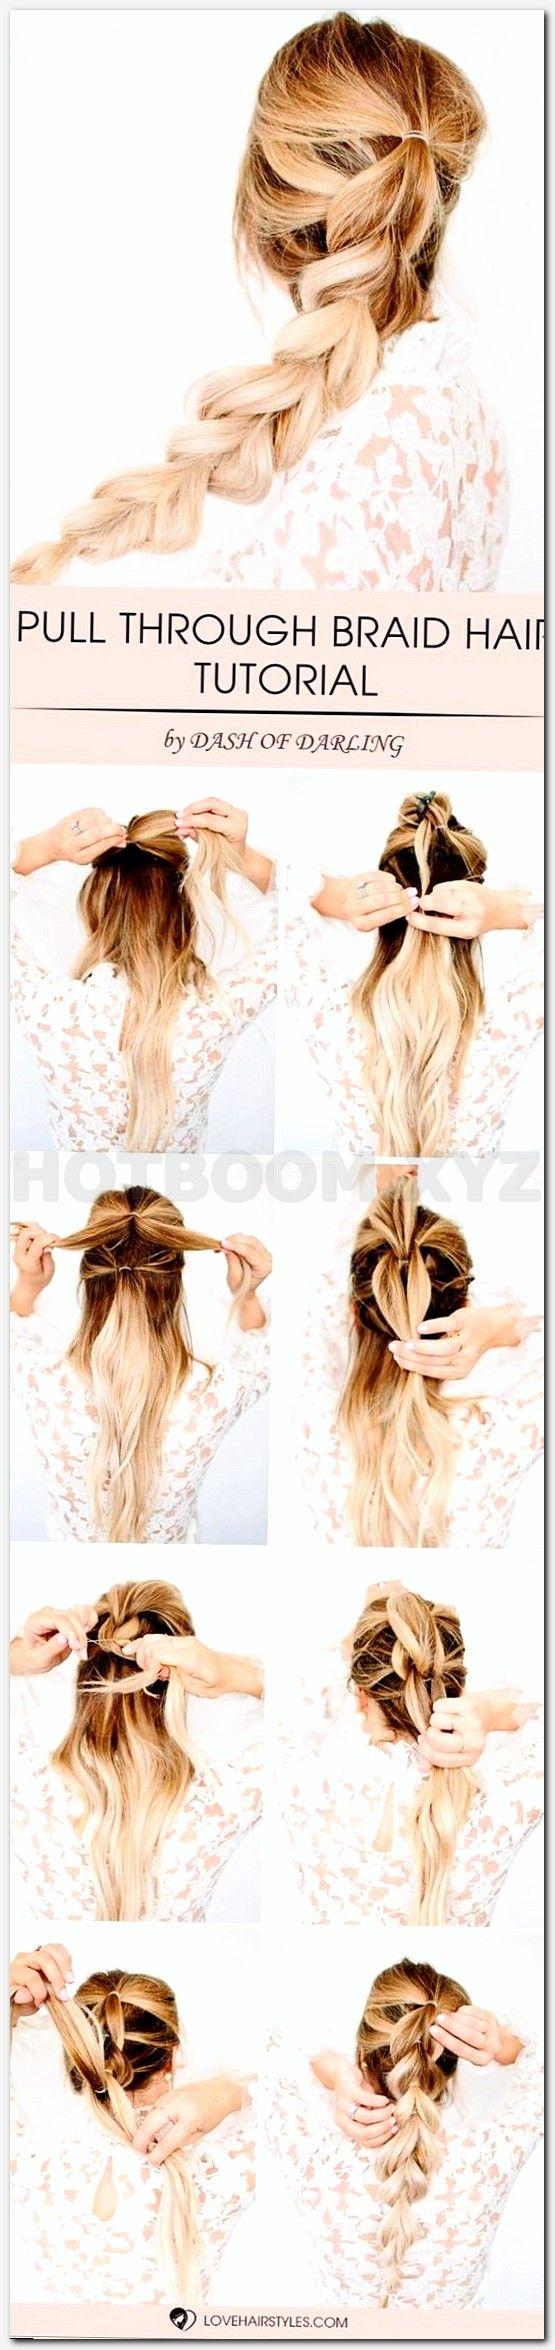 Pin by mortiz on ideas para el cabello in pinterest short